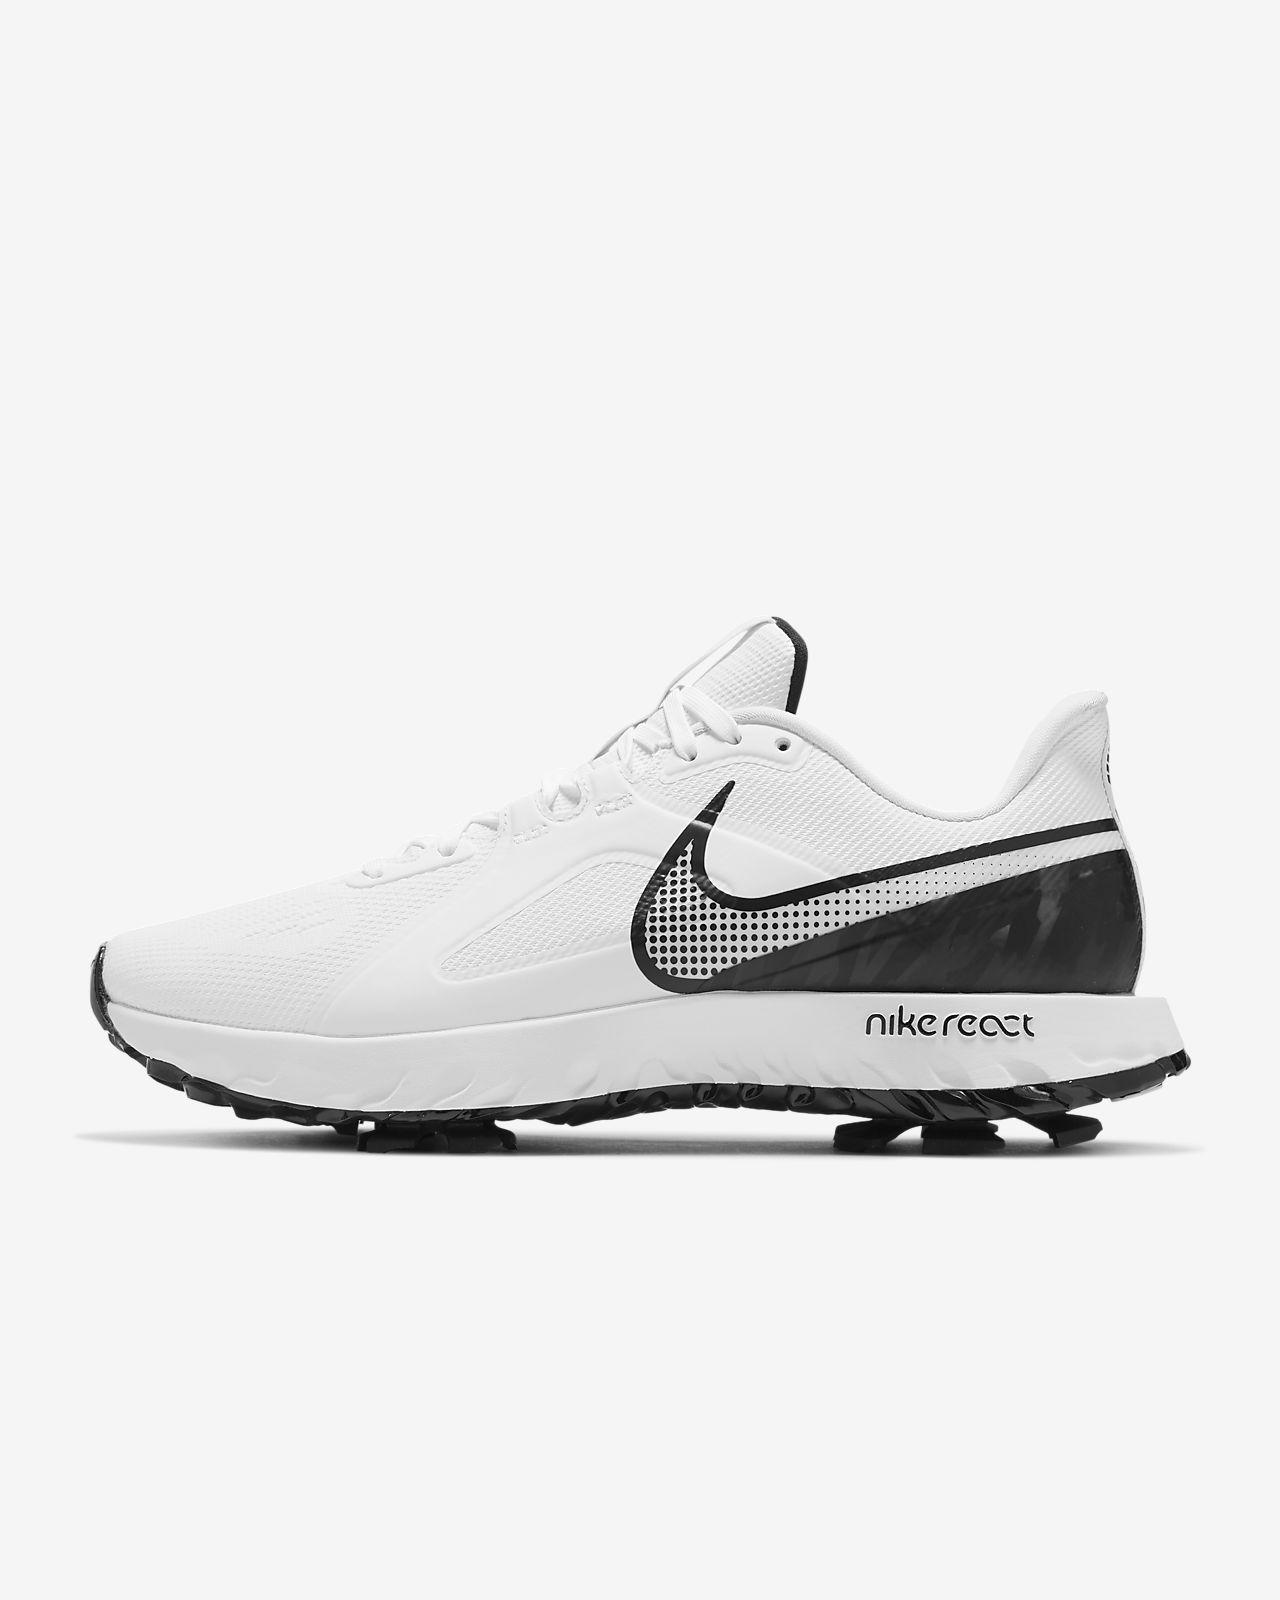 รองเท้ากอล์ฟ Nike React Infinity Pro (หน้ากว้าง)